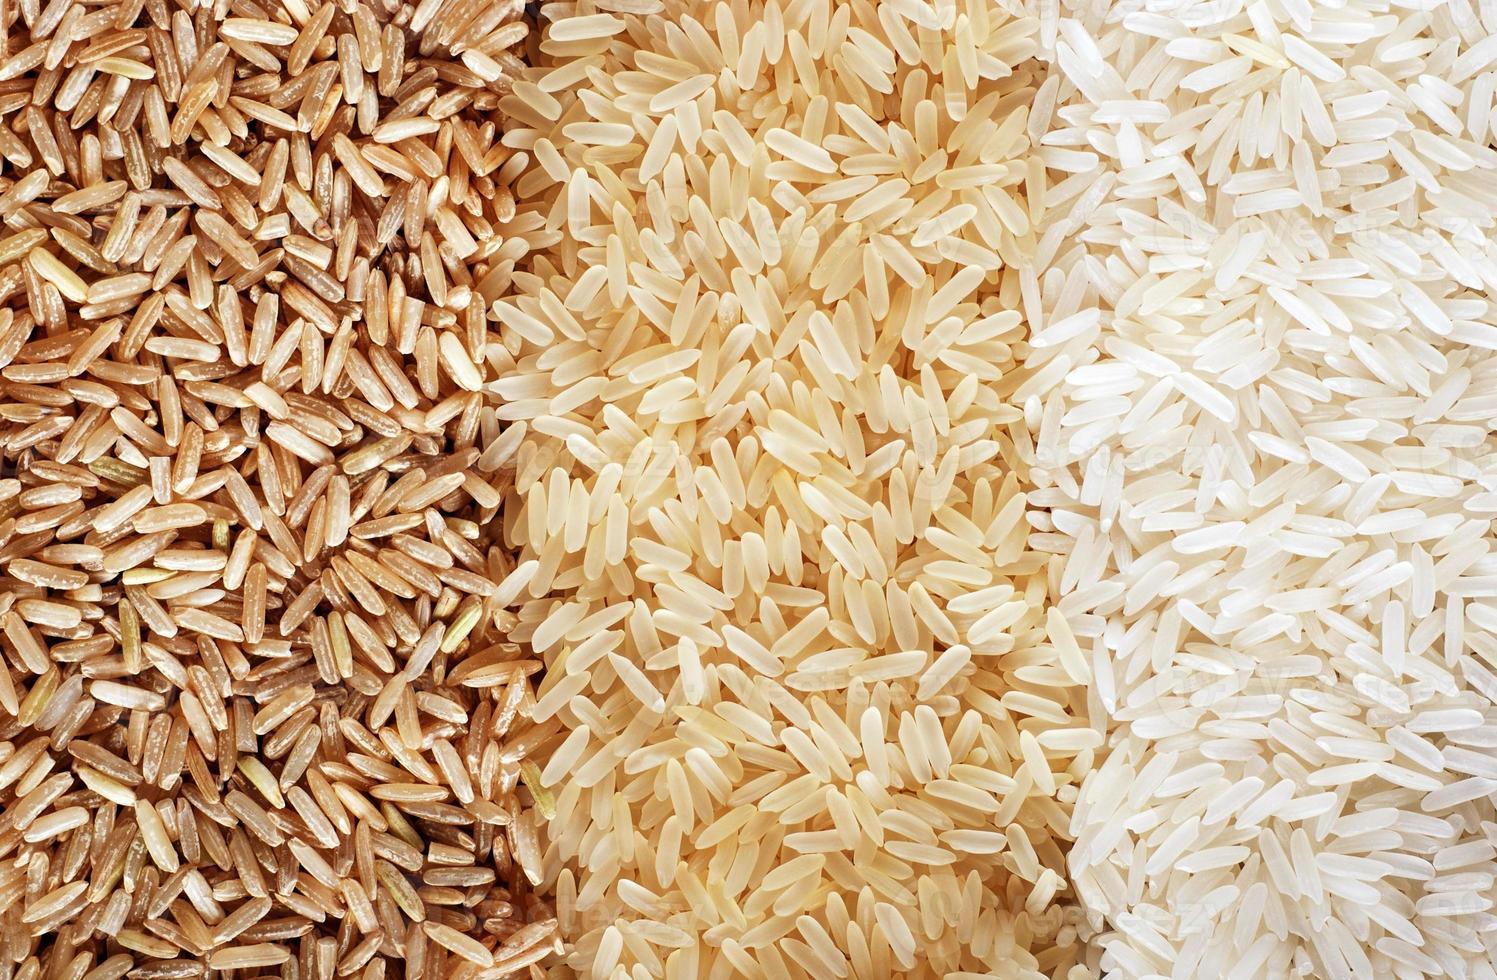 tre rader med rissorter - brun, vild och vit. foto